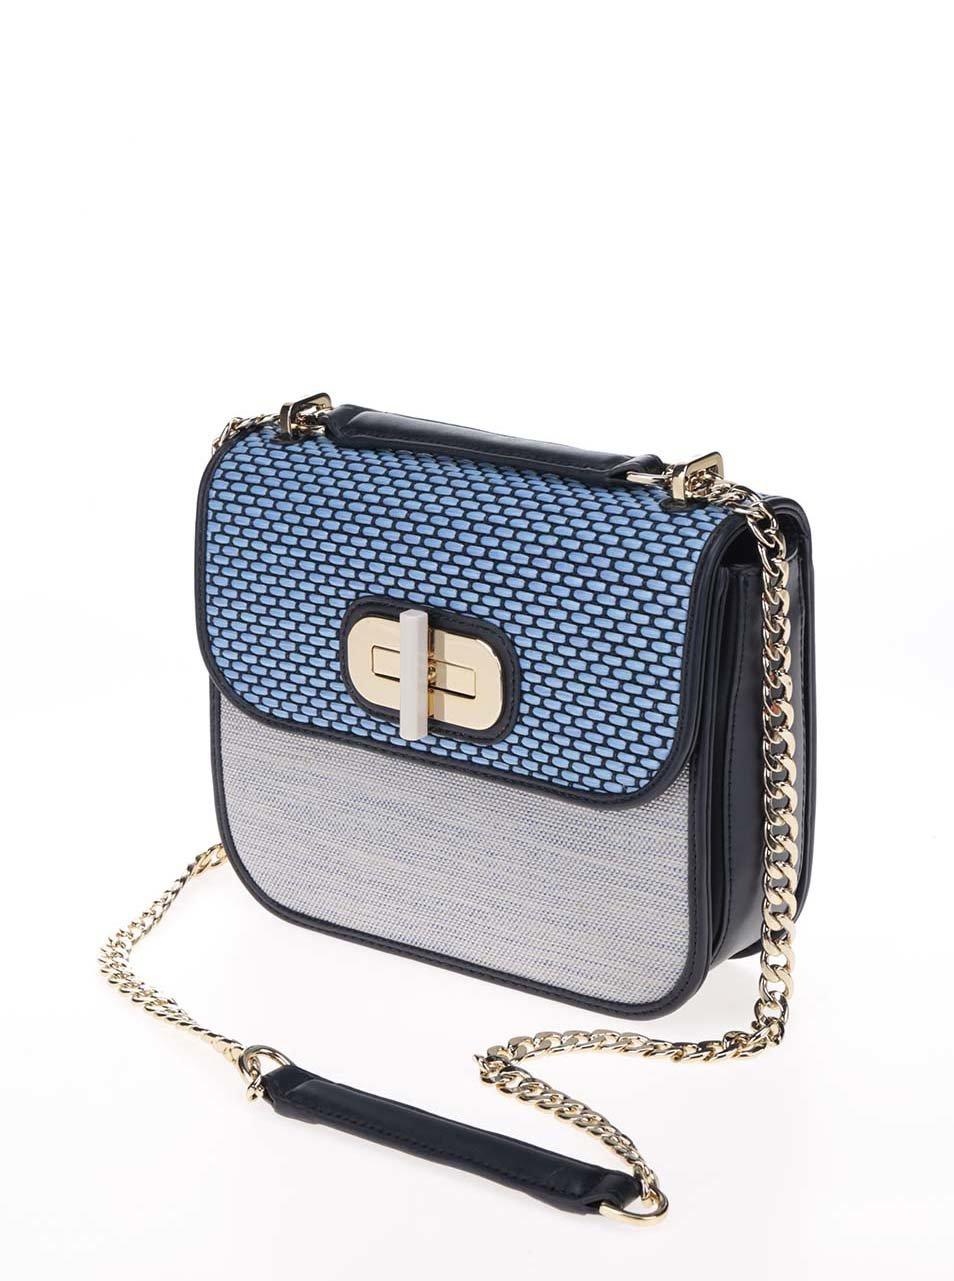 Modrá crossbody kabelka s detaily ve zlaté barvě Tommy Hilfiger ... c8678d82955